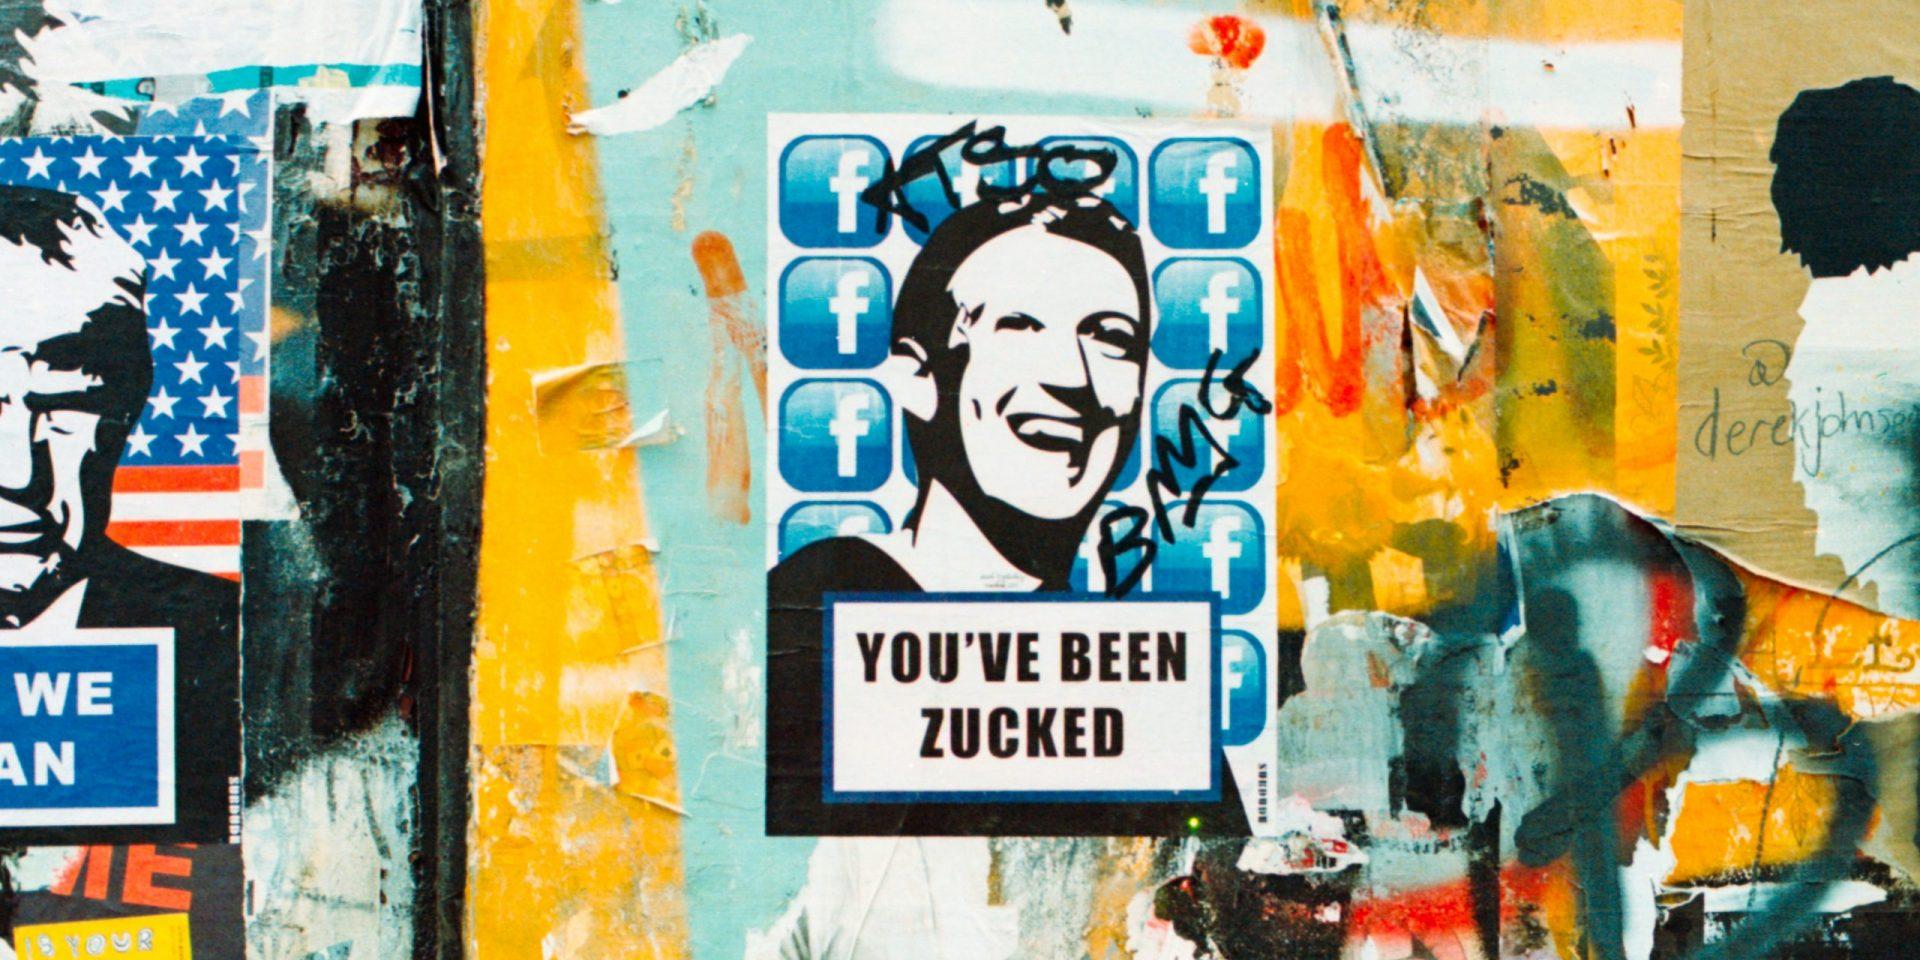 Faut-il casser Facebook en morceaux?